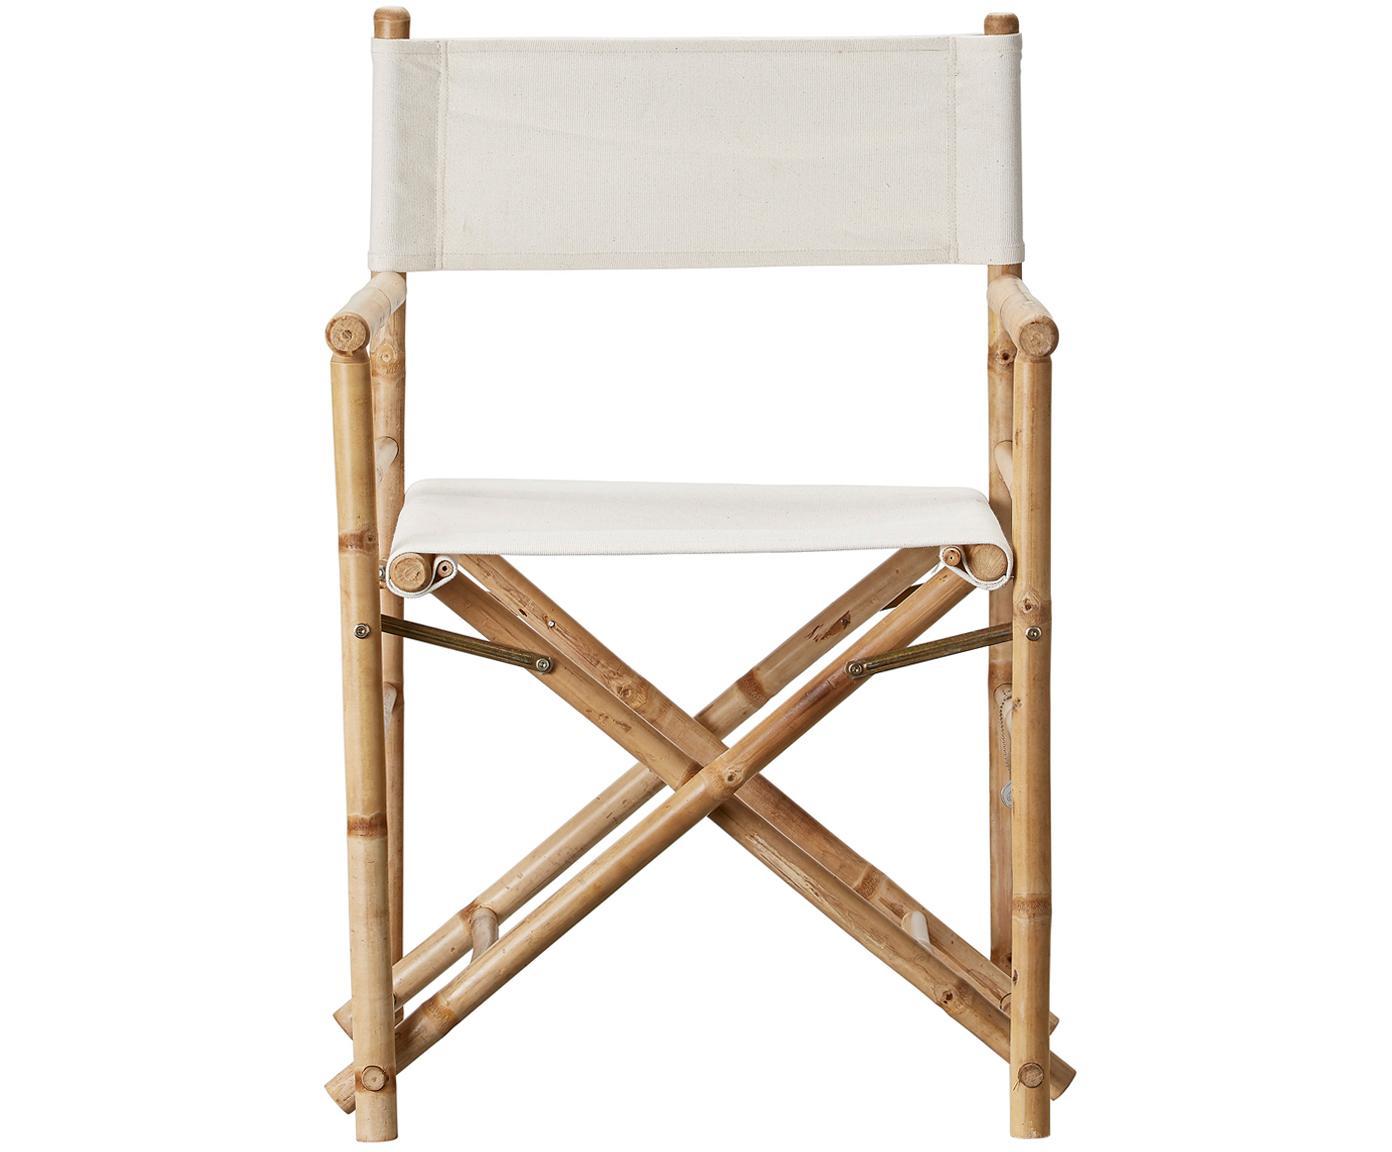 Silla plegable de bambú Mandisa, Estructura: bambú natural, Superficie: lino, Bambú, lino claro, An 58 x Al 88 cm